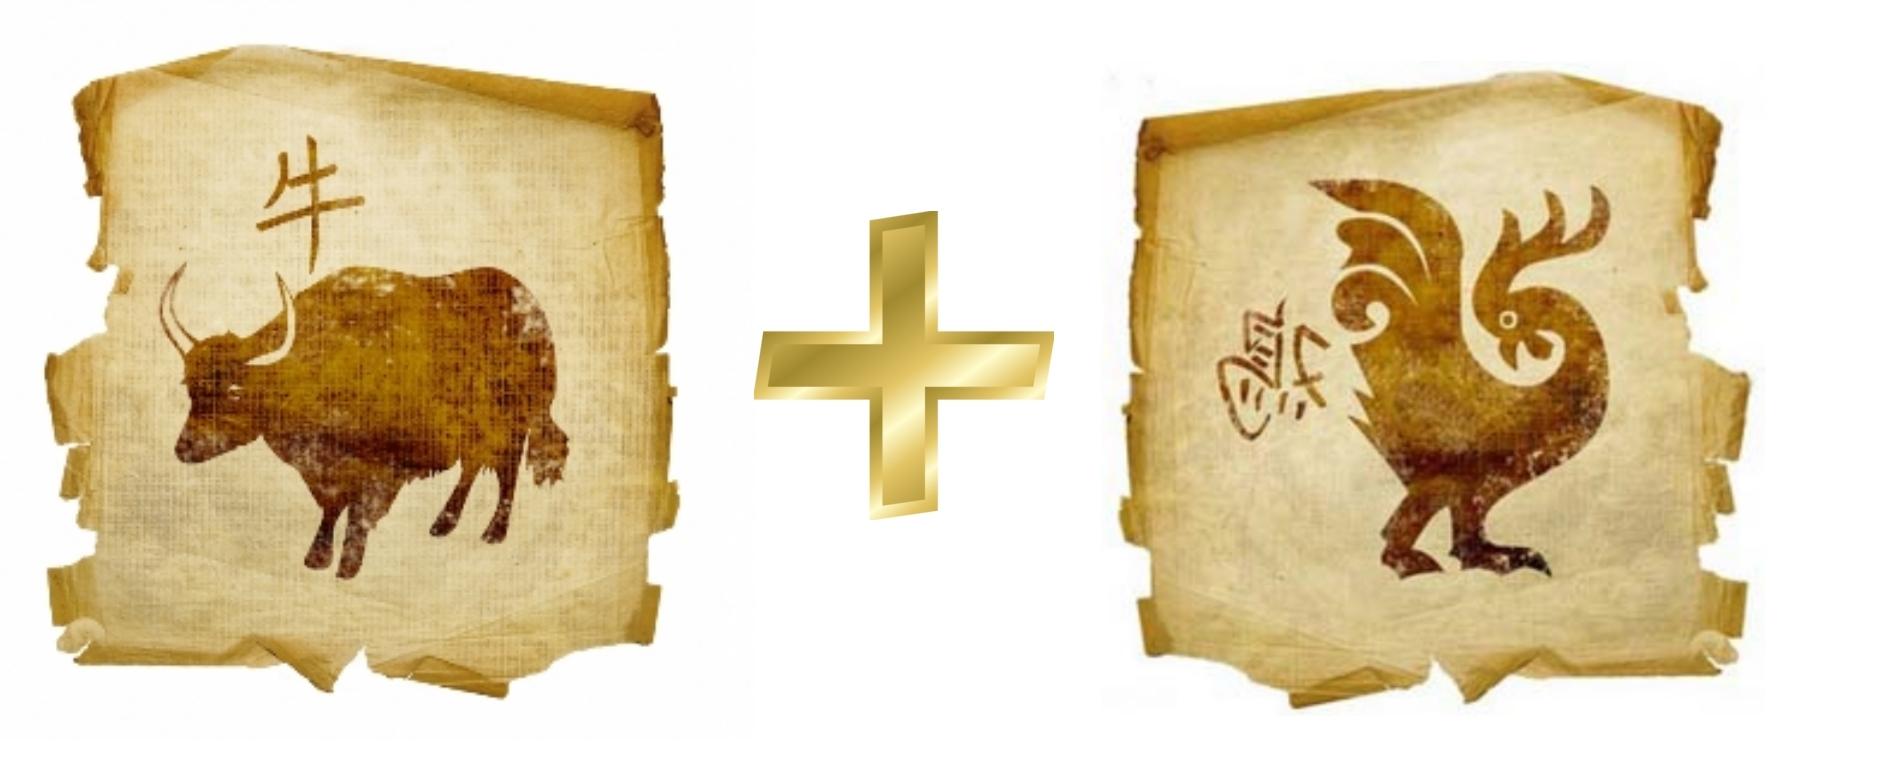 Петух и Бык (Вол): Гороскоп любовной совместимости по знакам